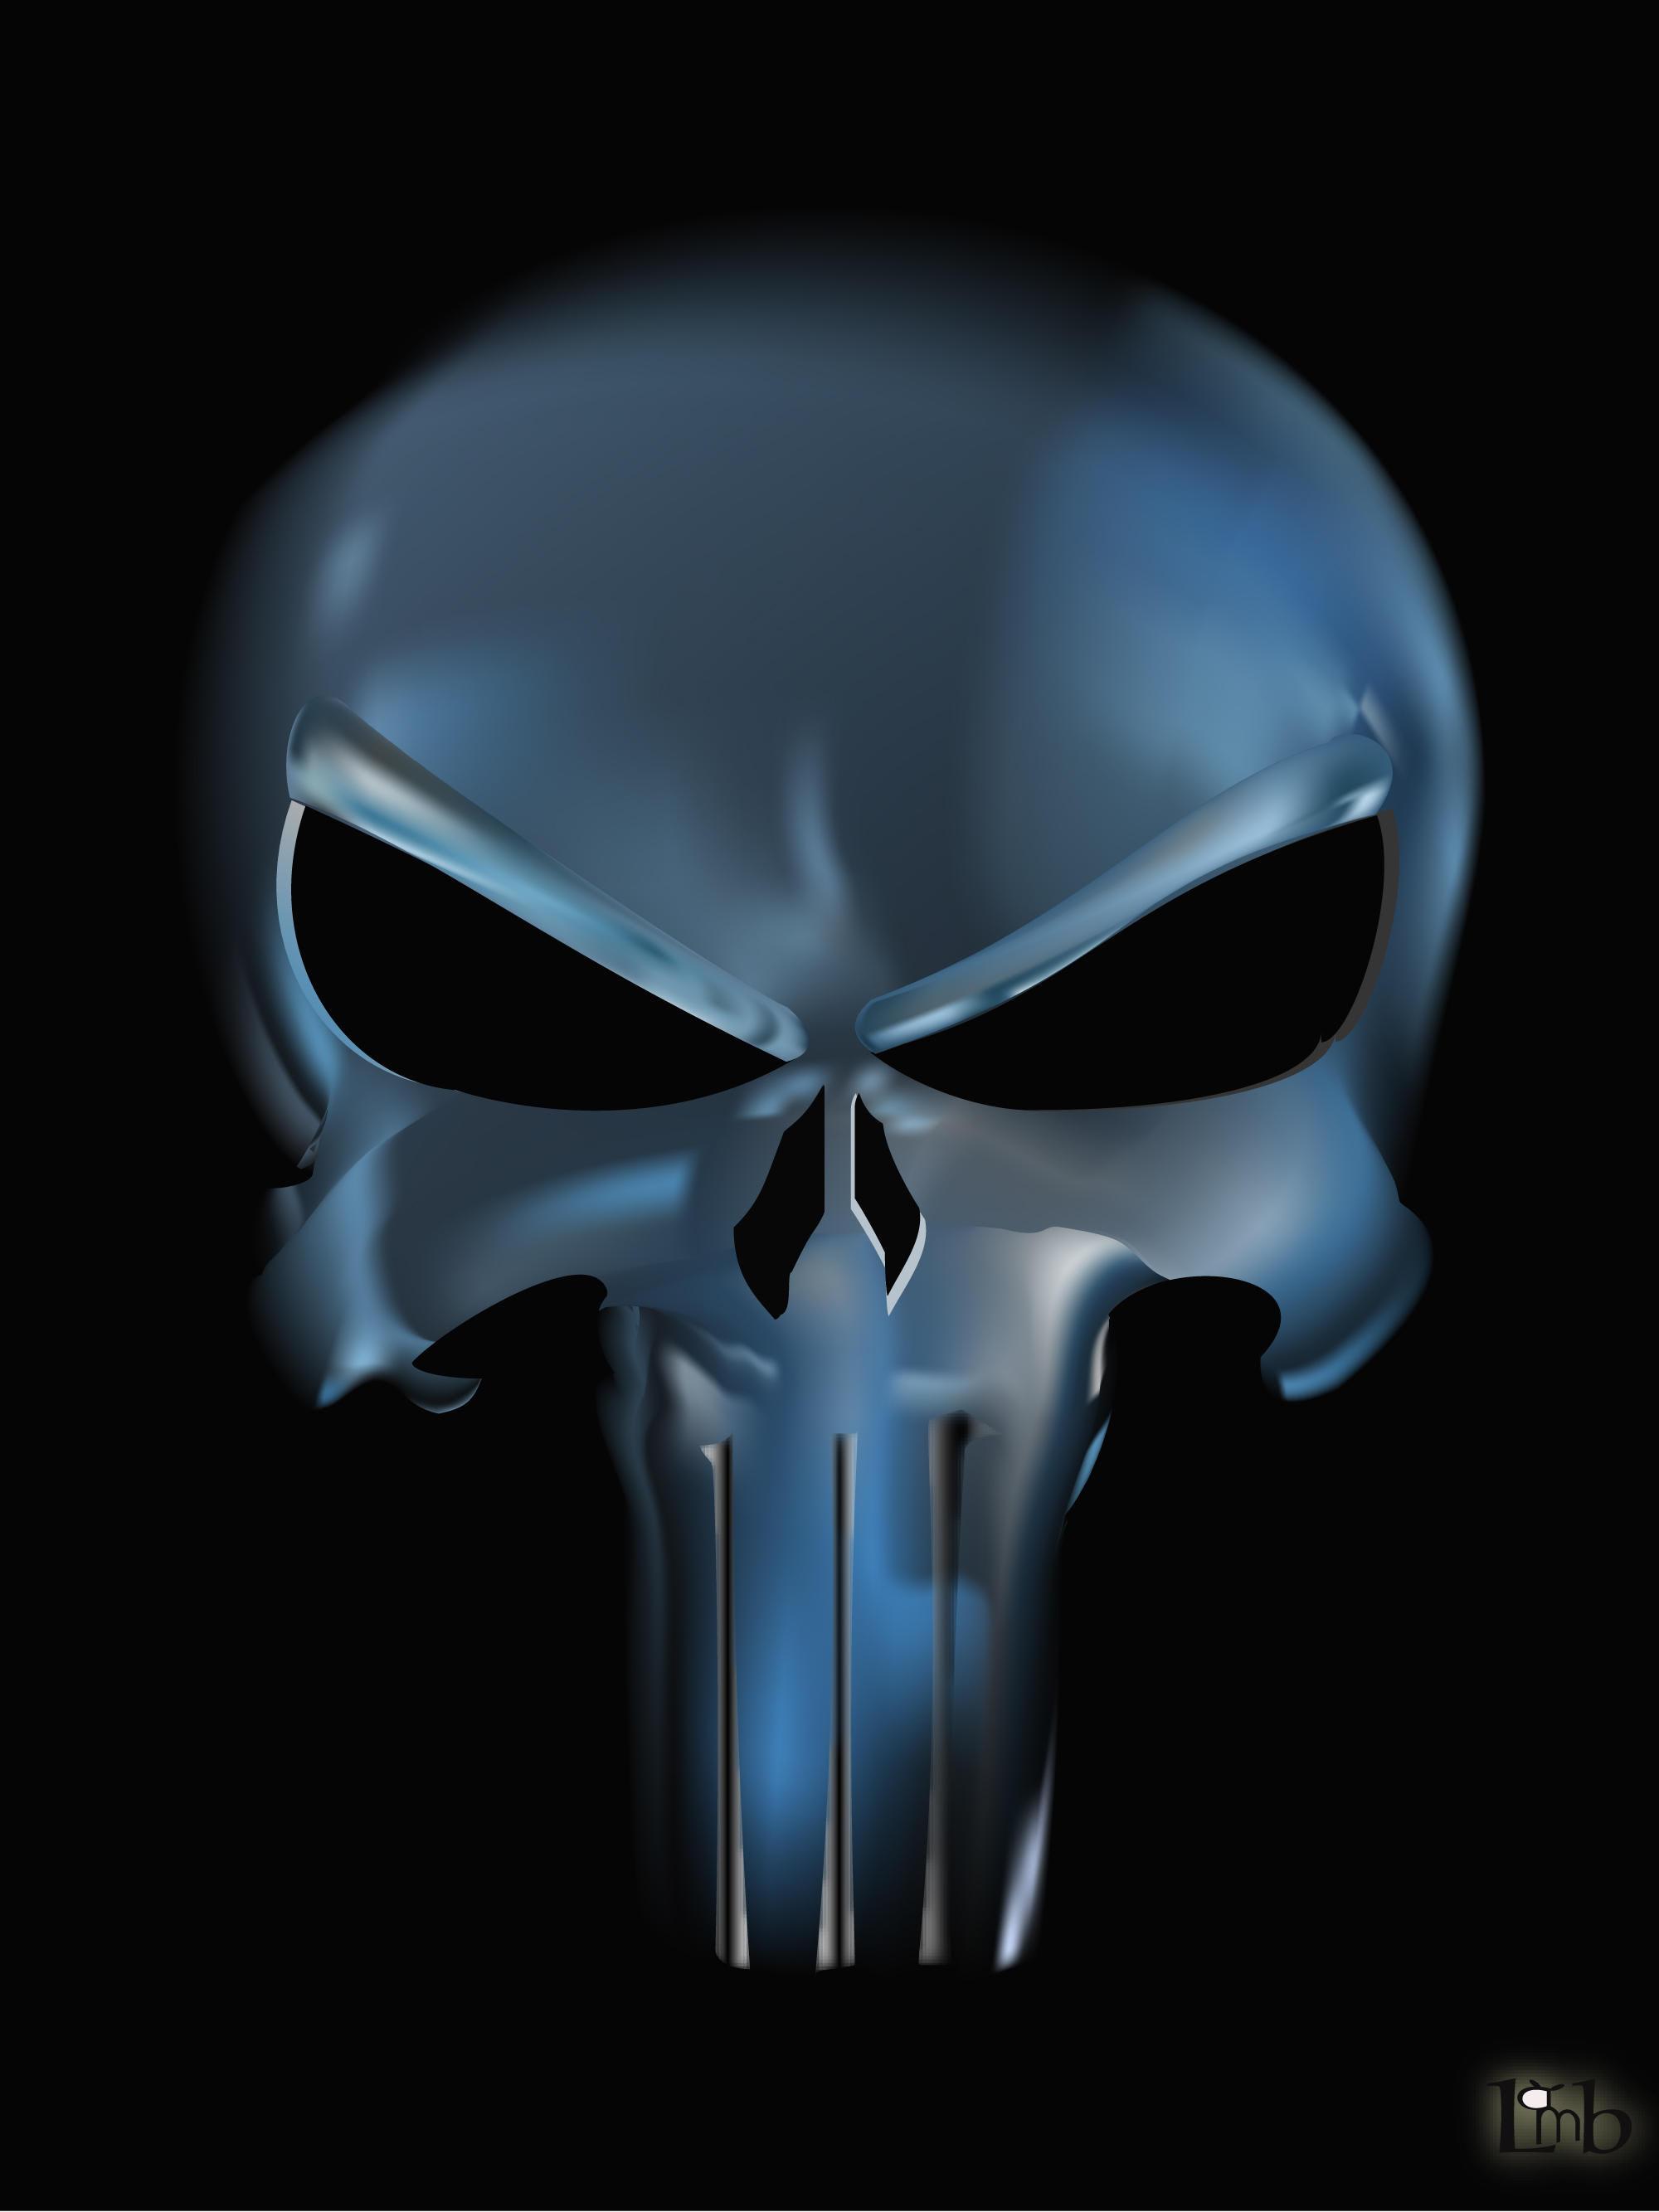 Dark Punisher by fading38 on DeviantArt